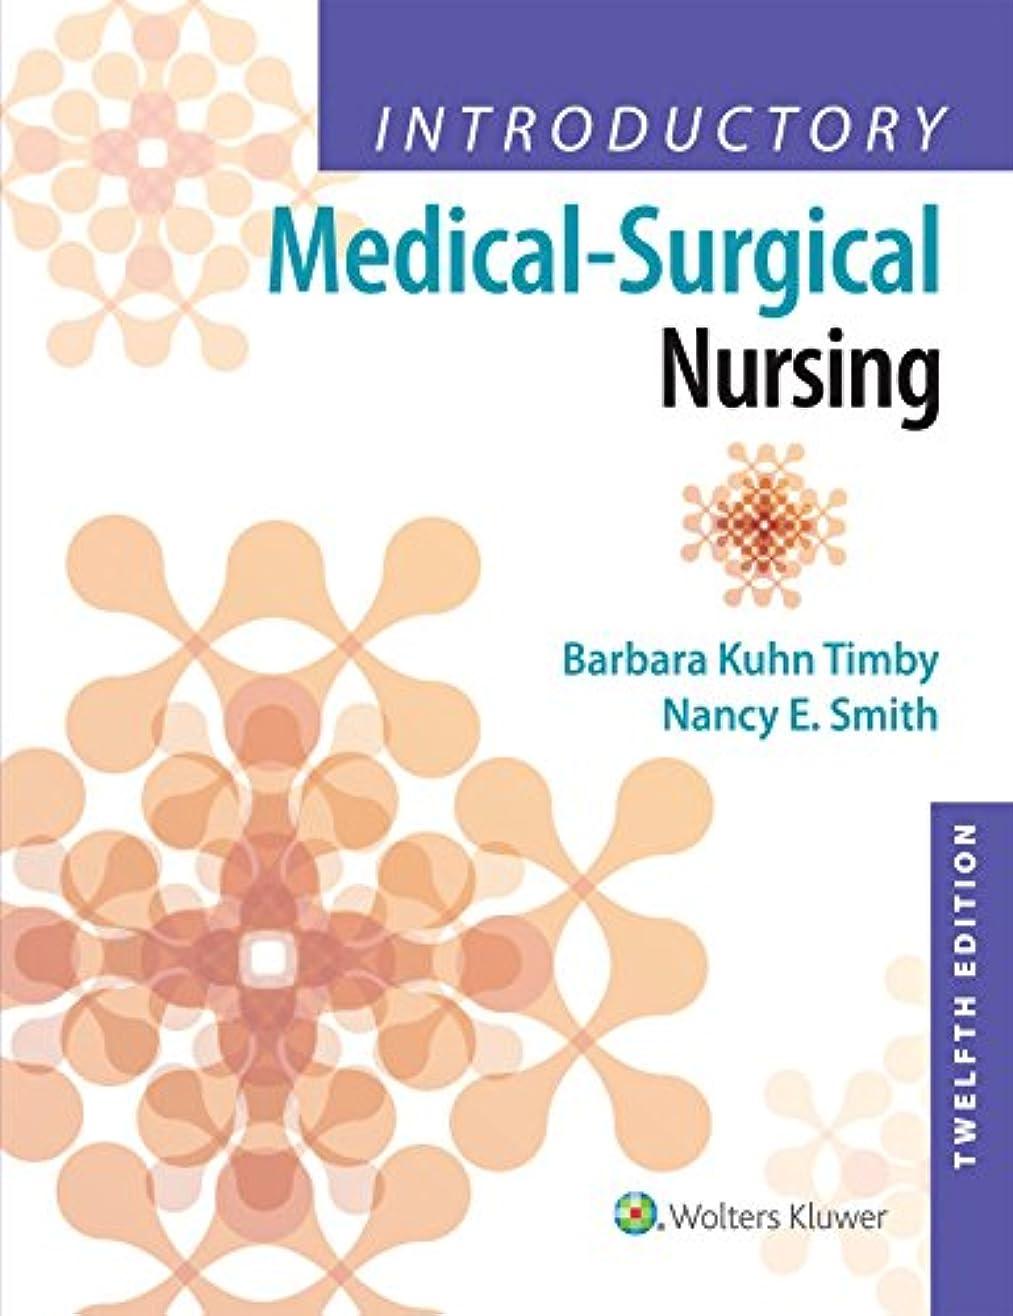 ハイライトボス放射能Introductory Medical-Surgical Nursing